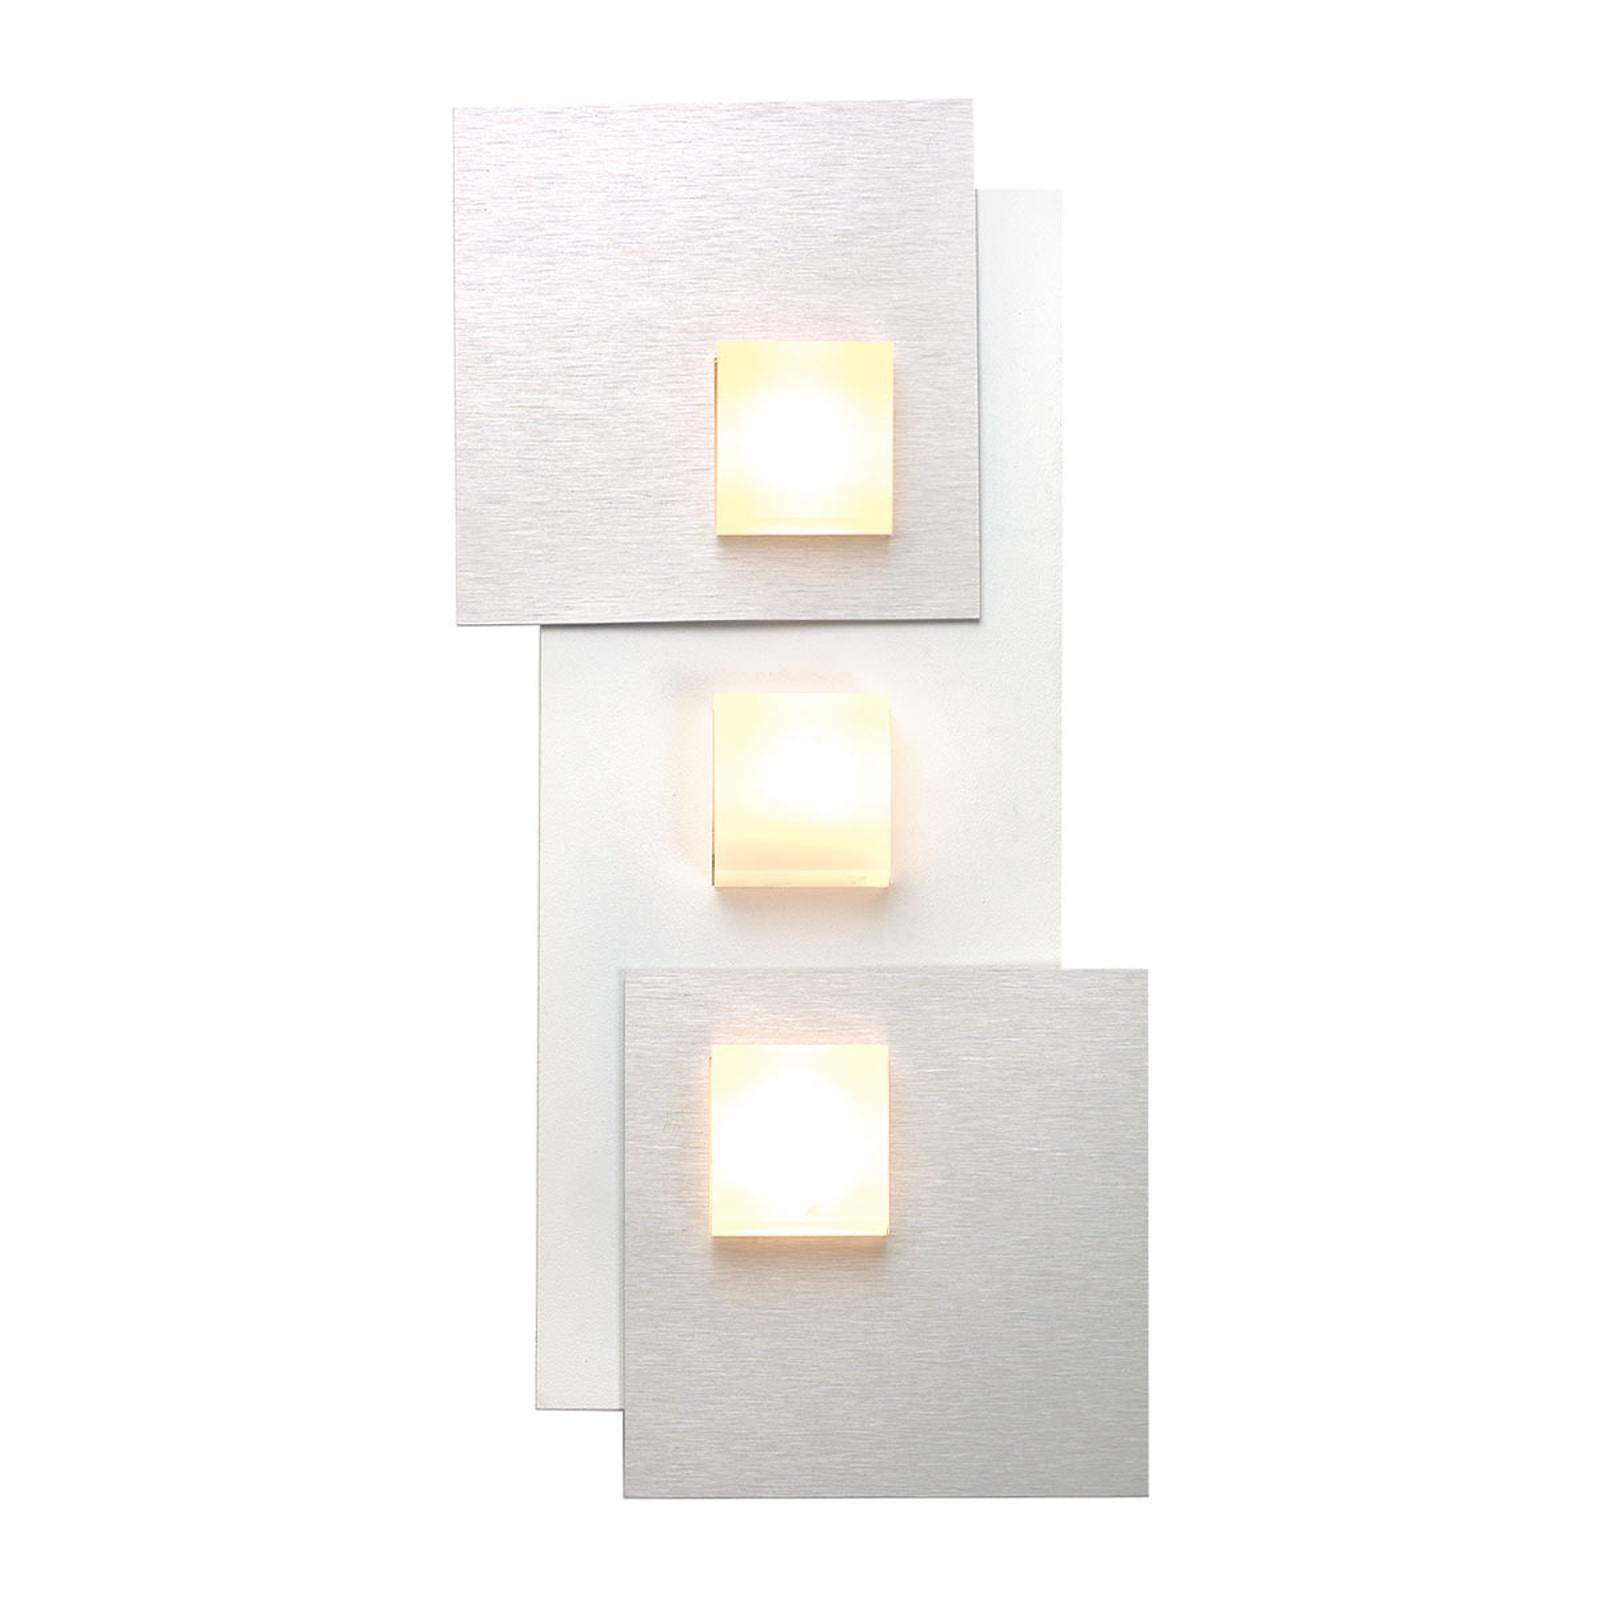 Bopp Pixel 3.0 LED-taklampe 2 lyskilder alu